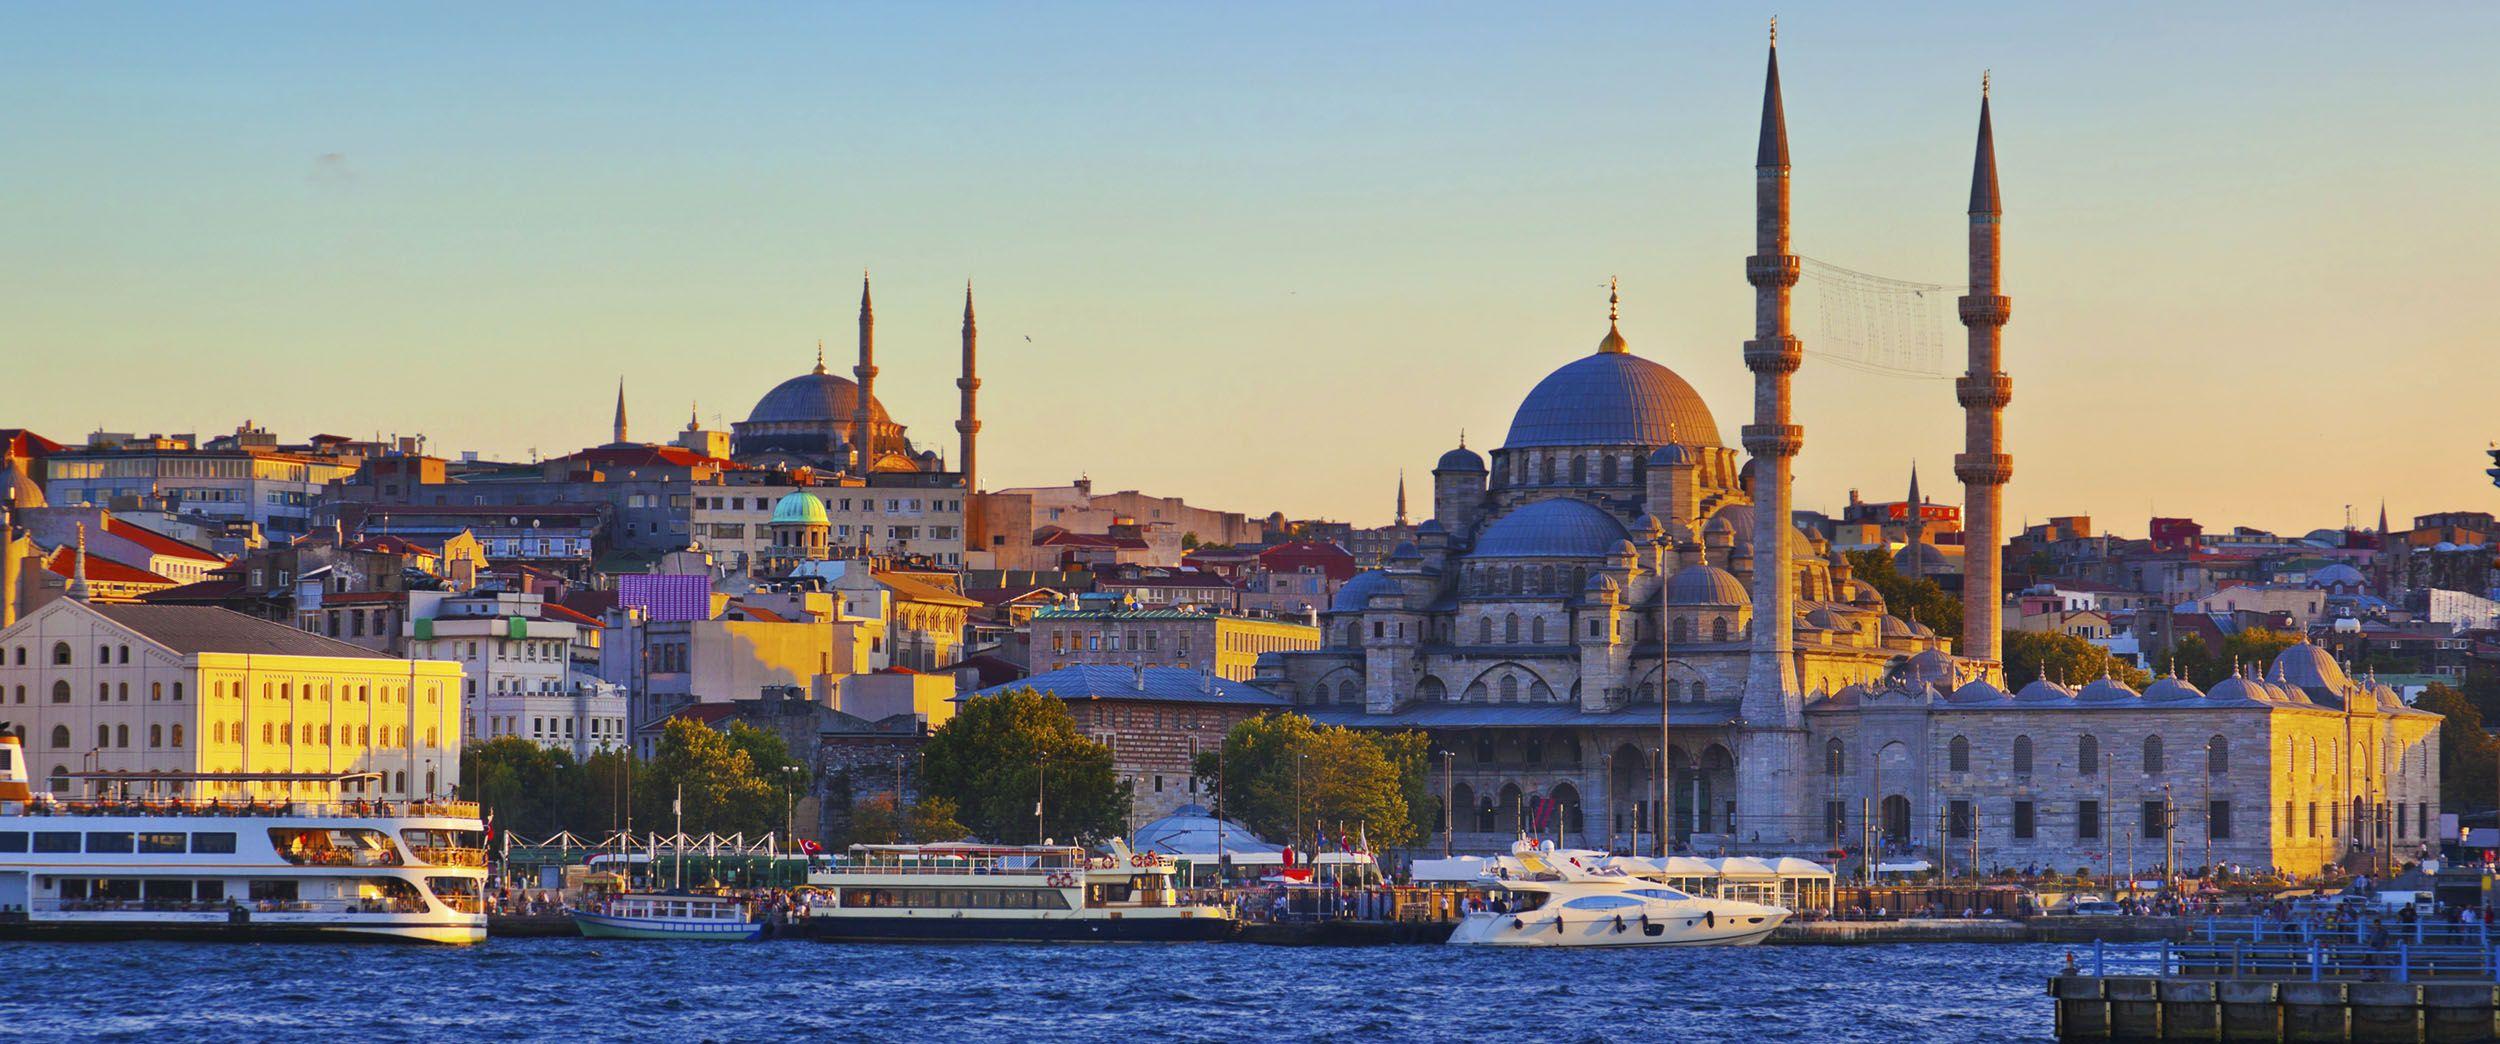 جاهای دیدنی ترکیه ؛ معرفی ۹ جای محبوب توریست ها